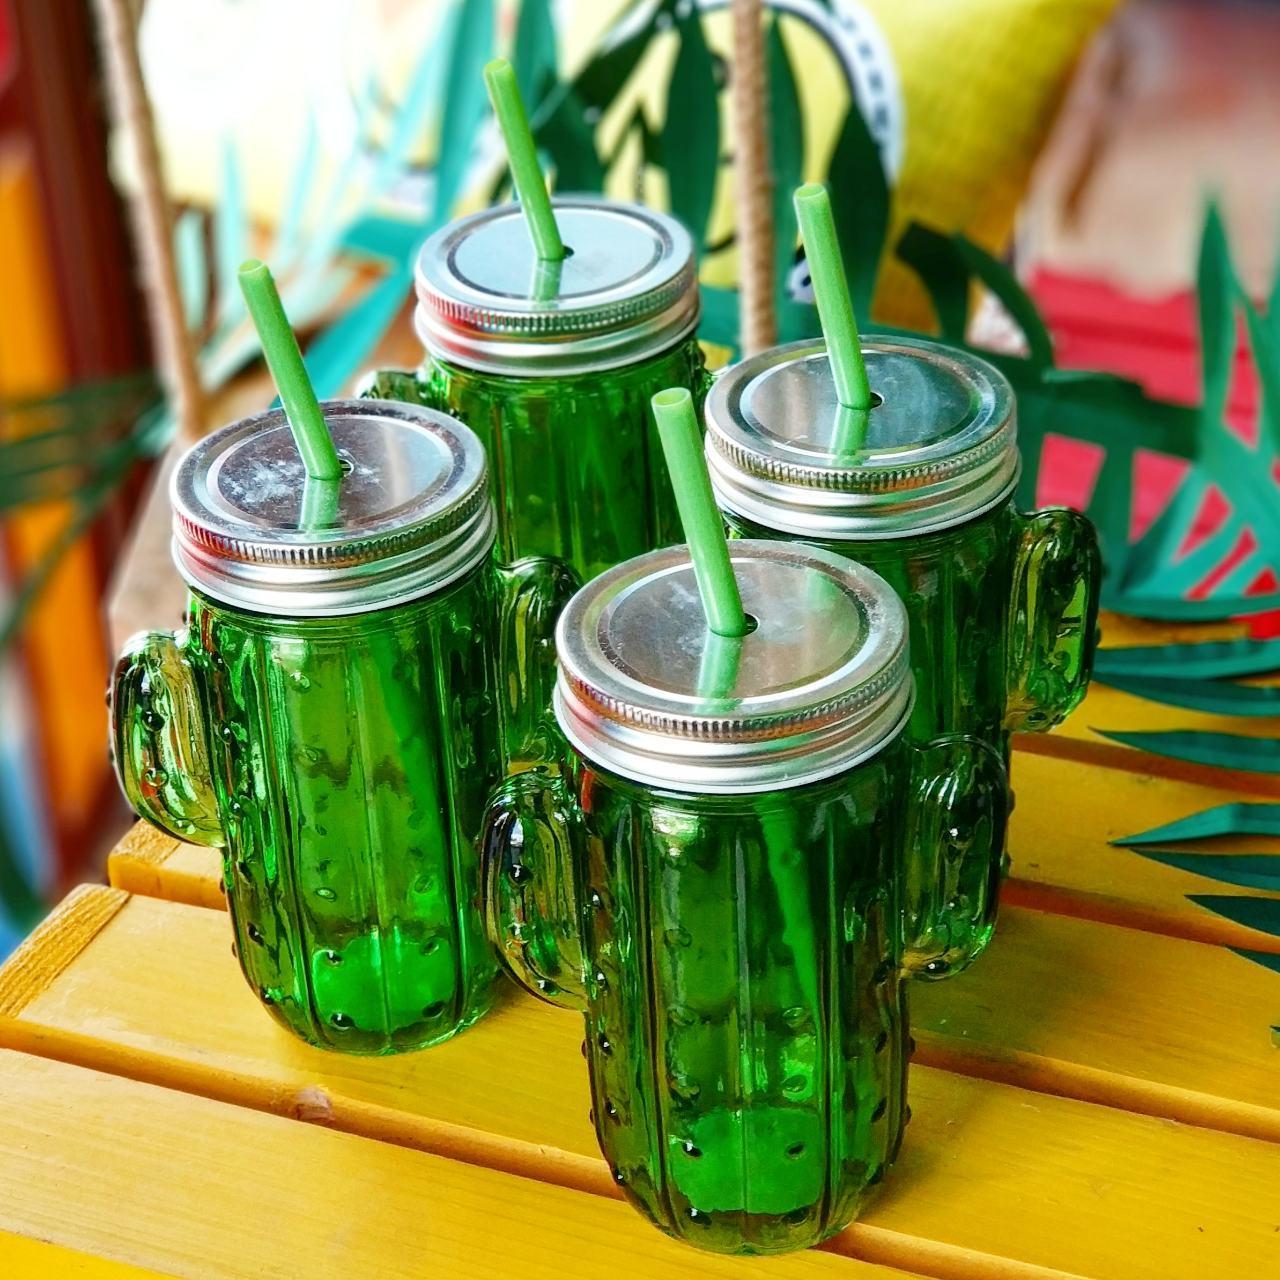 Банка для напитков с соломинкой Кактус, зеленая